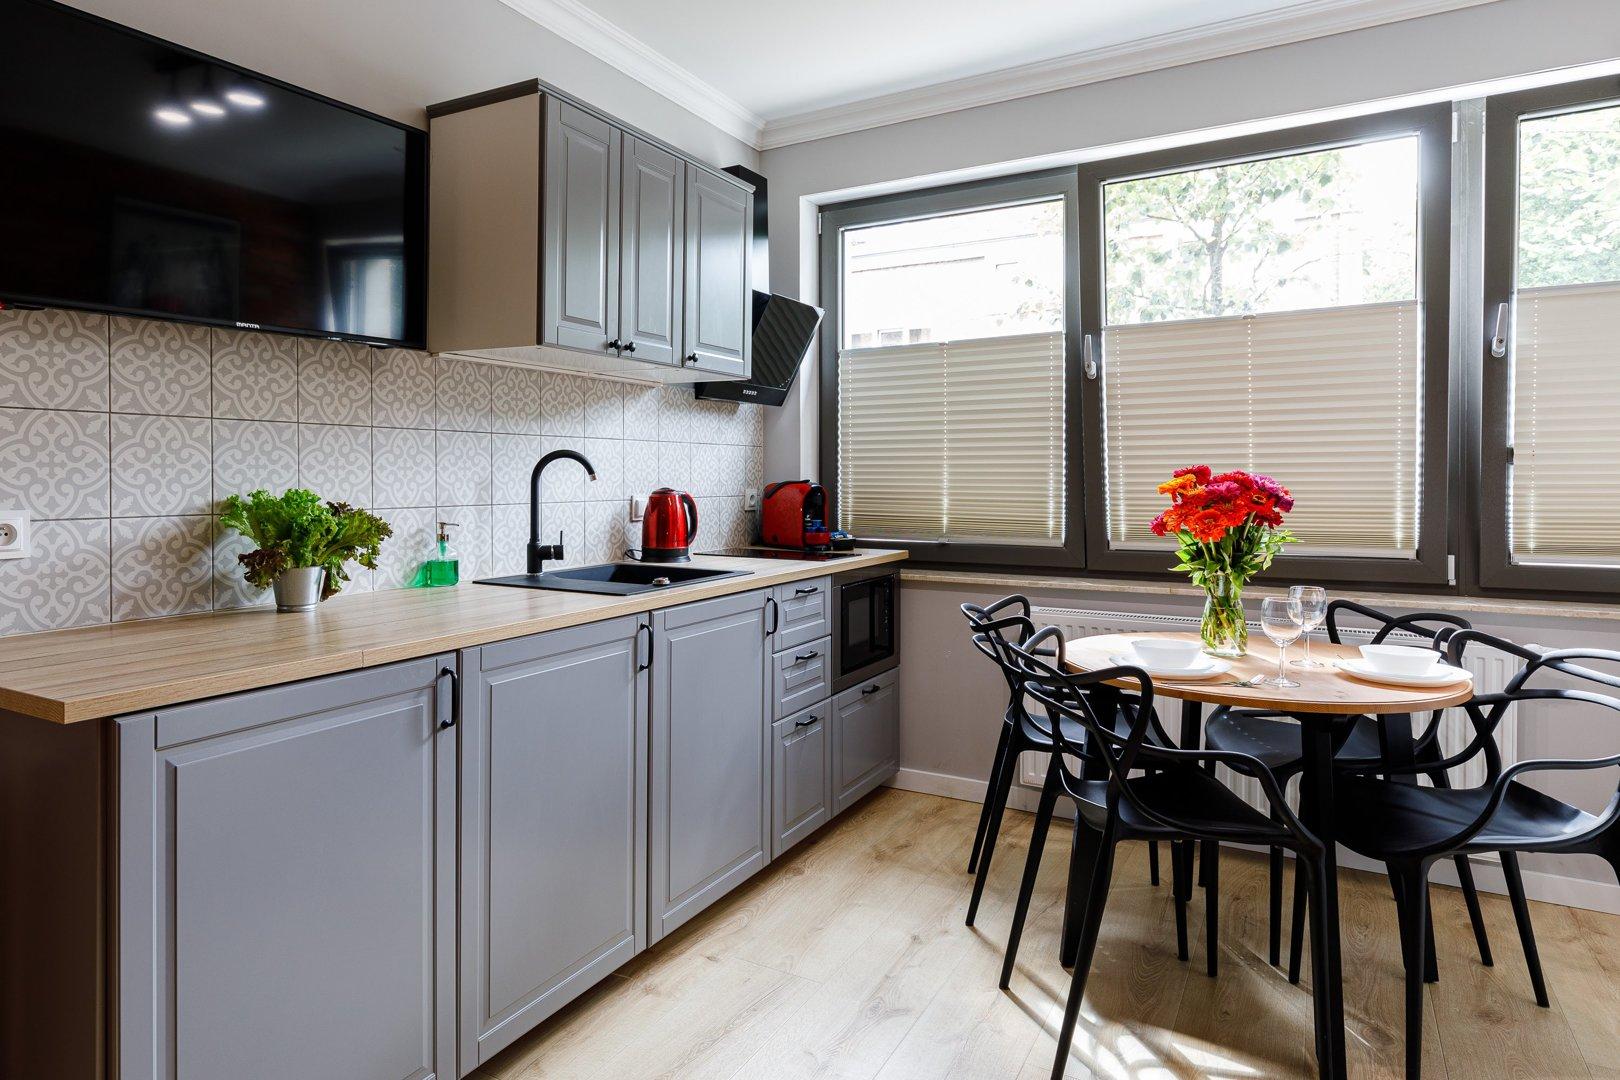 rezerwacje GDAŃSK Panieńska 3 mieszkanie nr 2B, 80-843 GDAŃSK